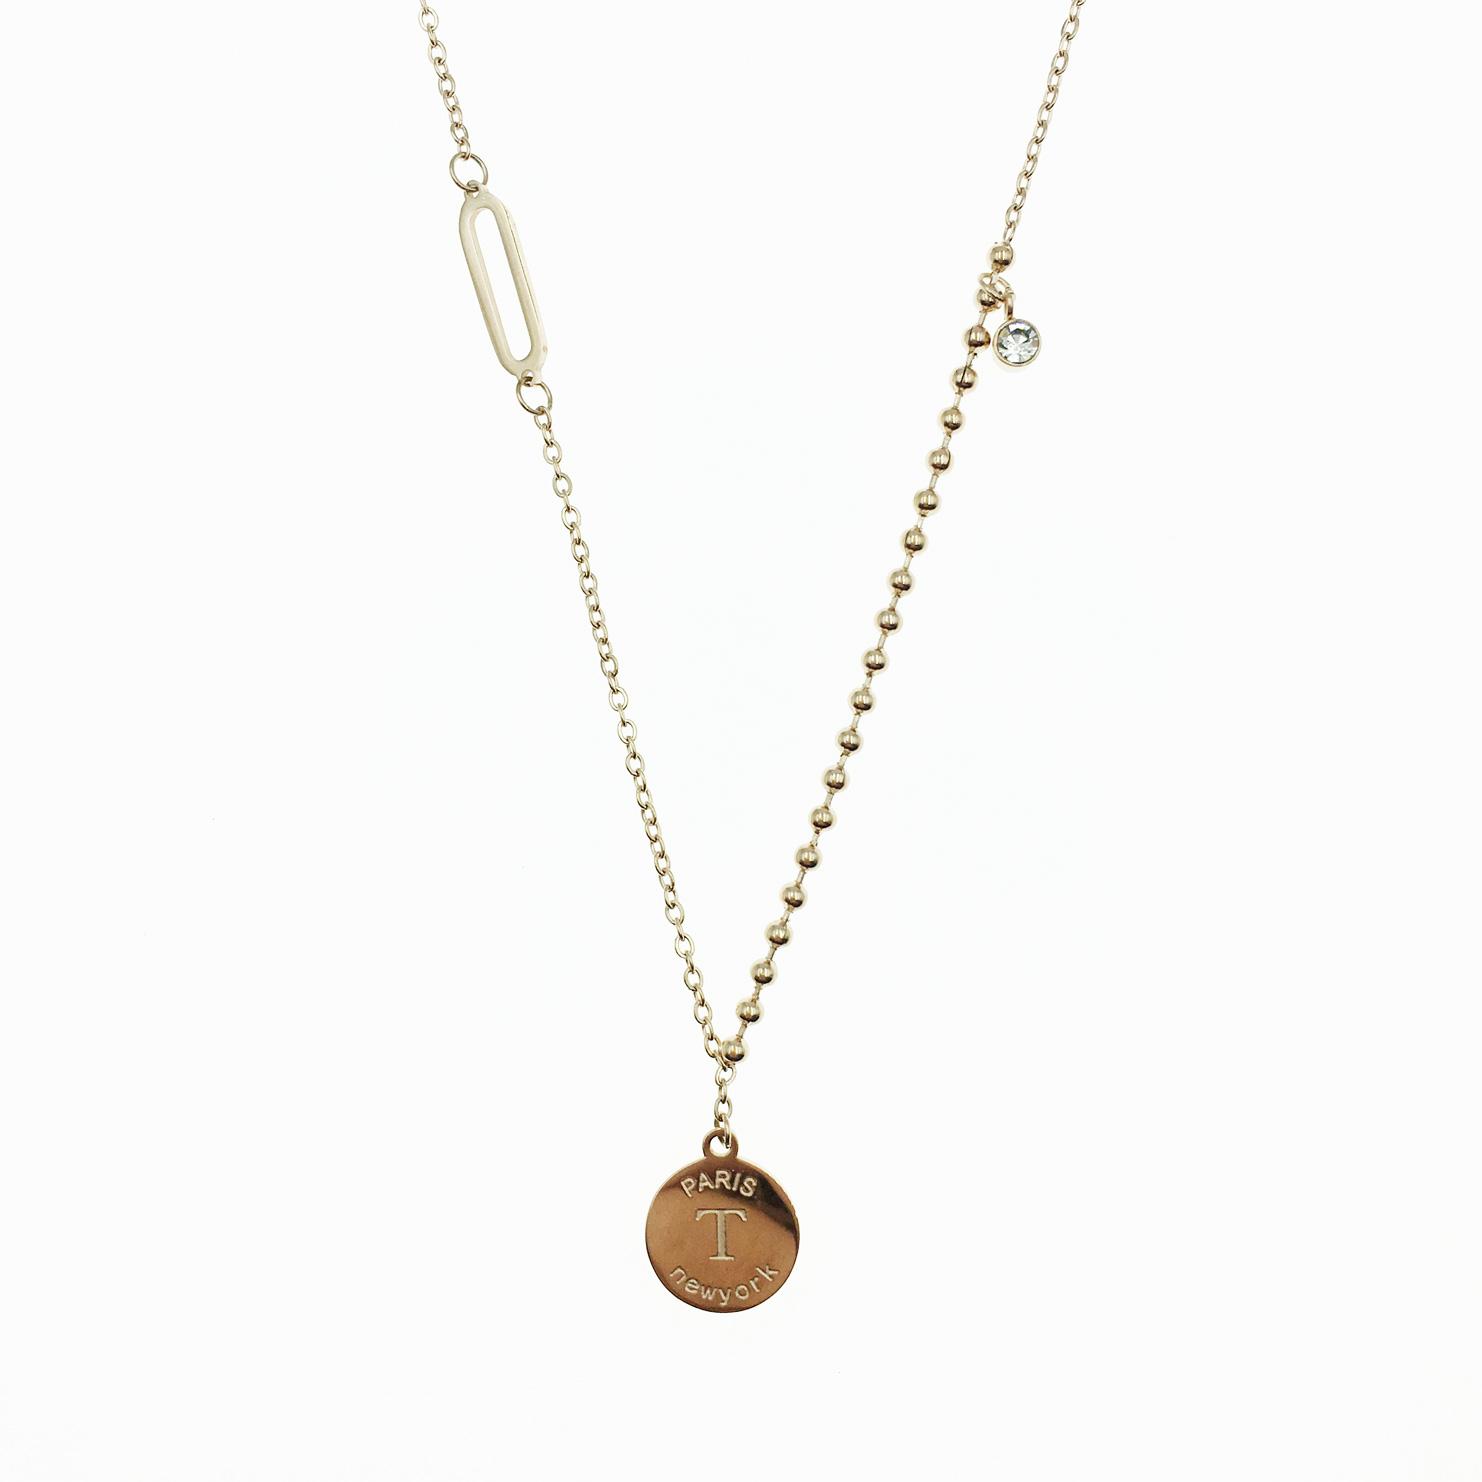 韓國 不鏽鋼 英文字母吊牌 珠鍊 水鑽 玫瑰金 項鍊